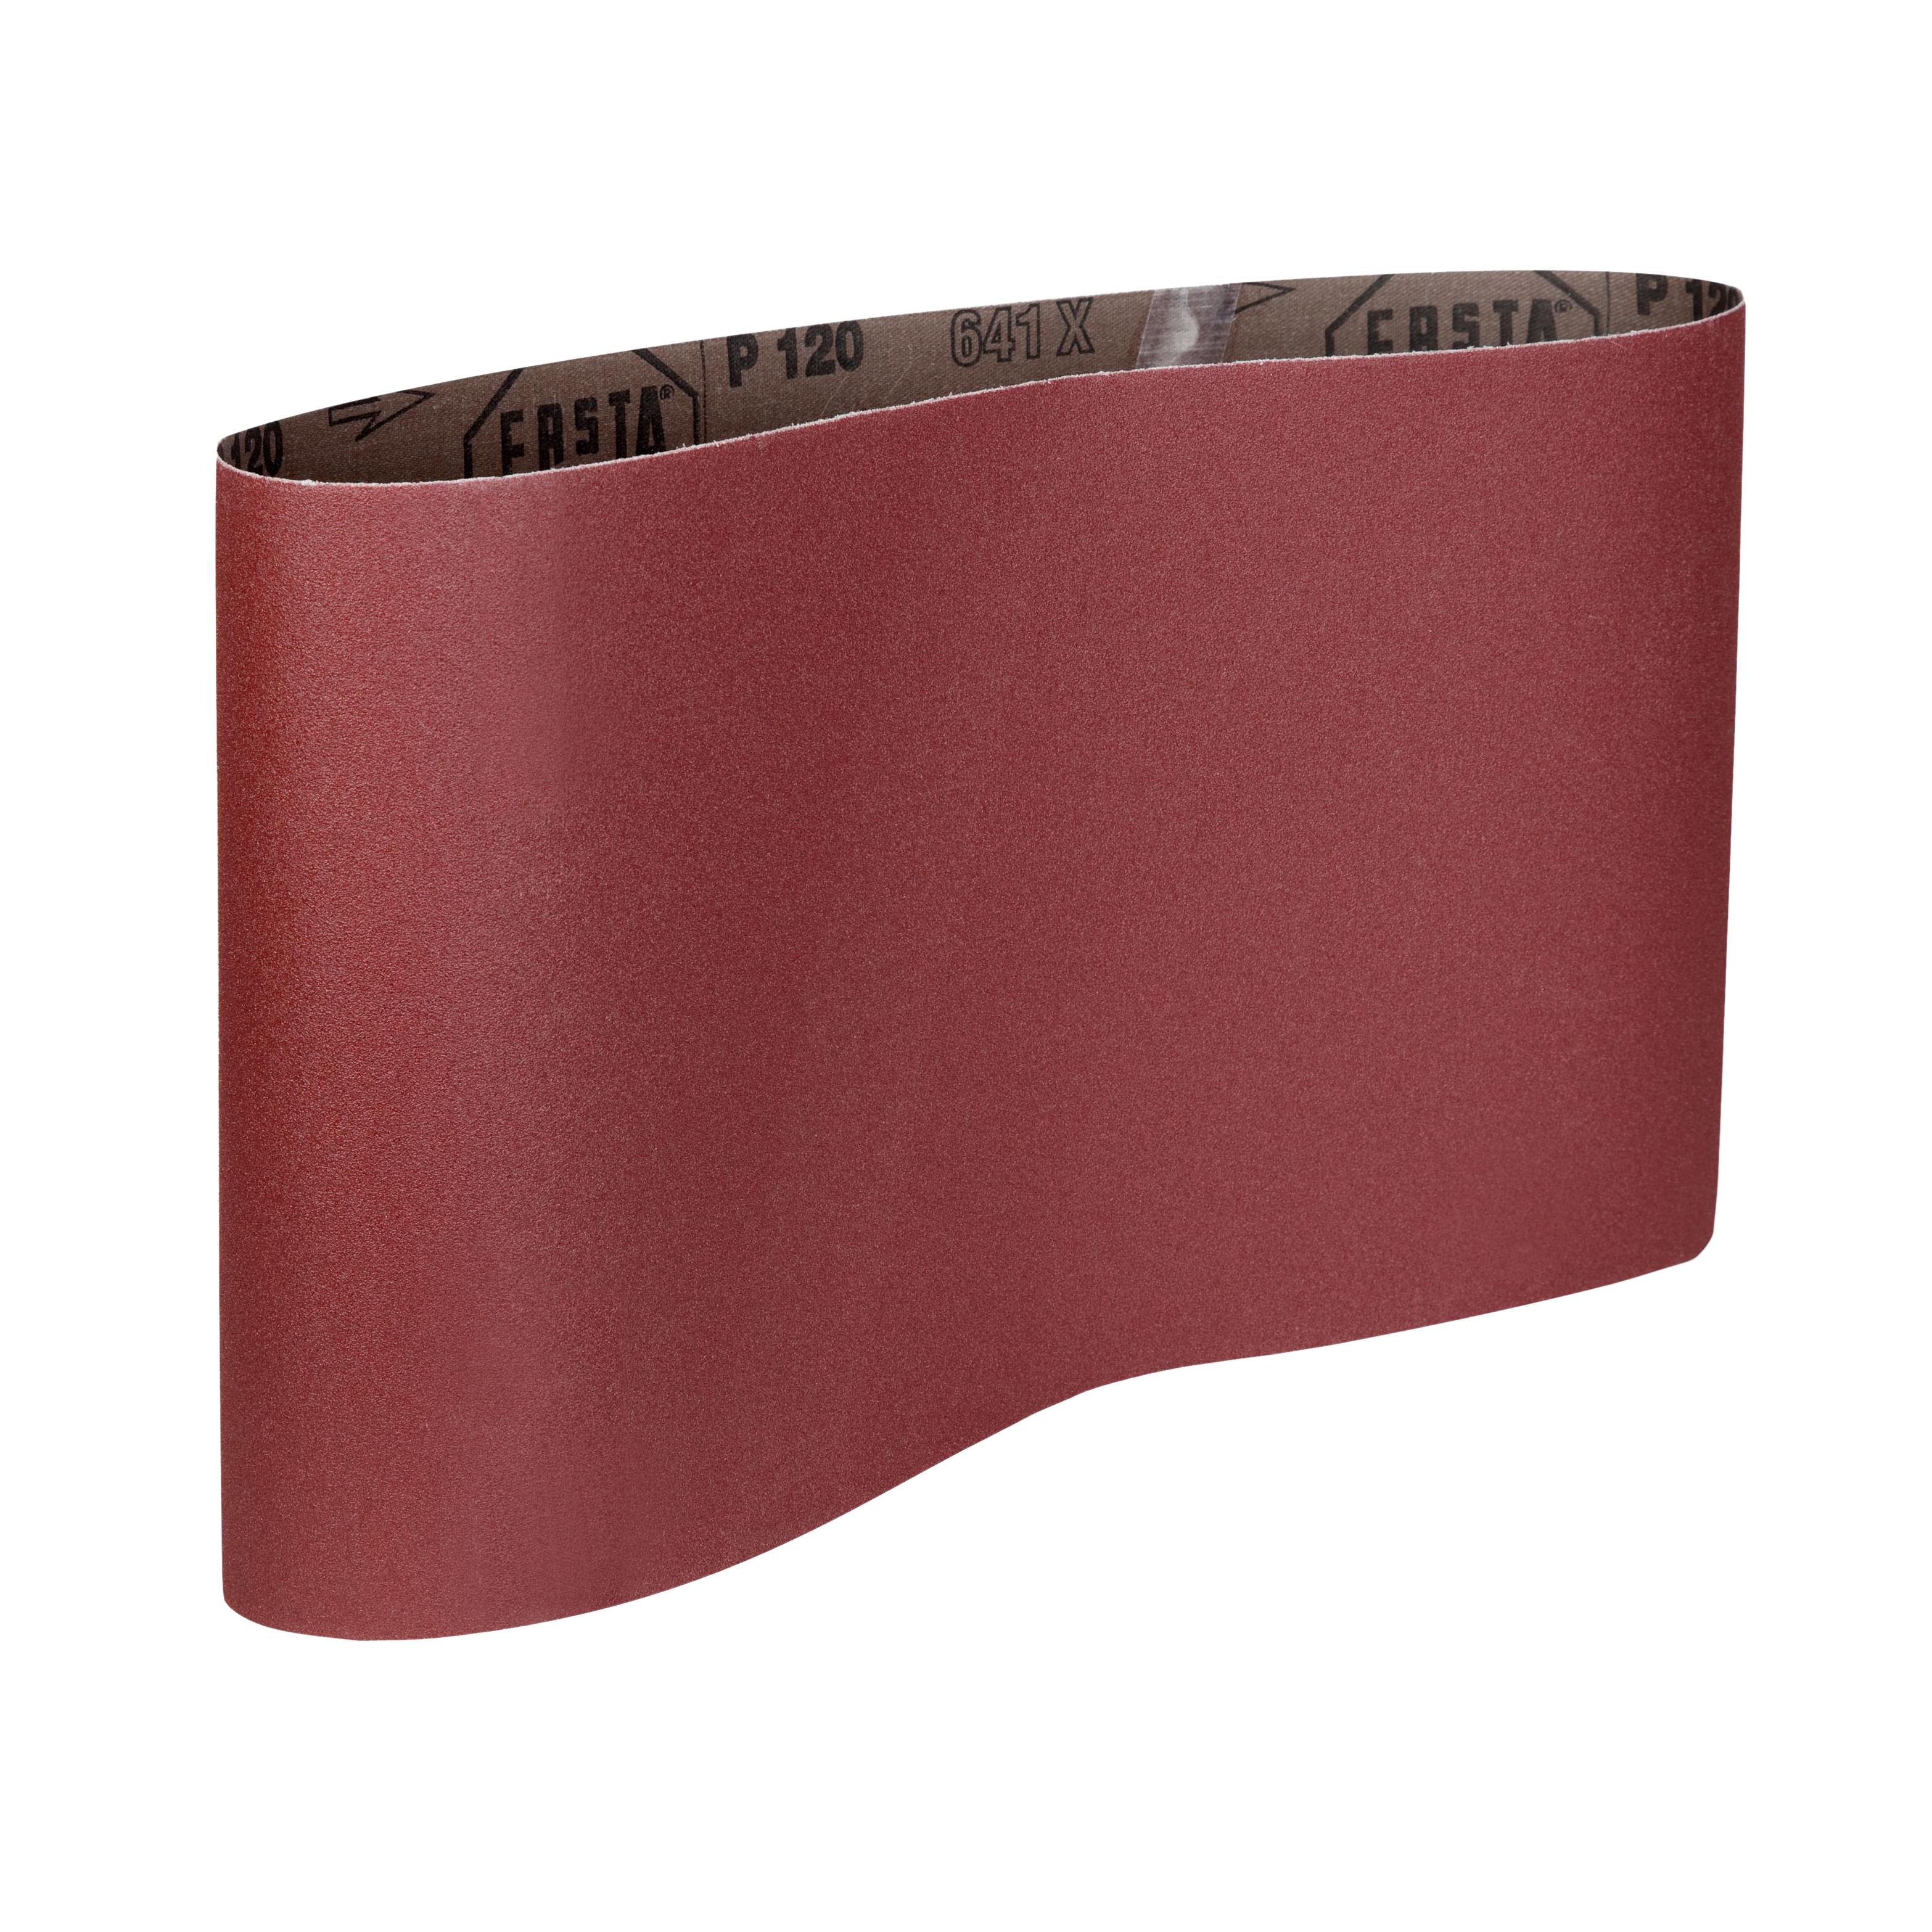 K 50 PARAT Belts Schleifband 200x750mm